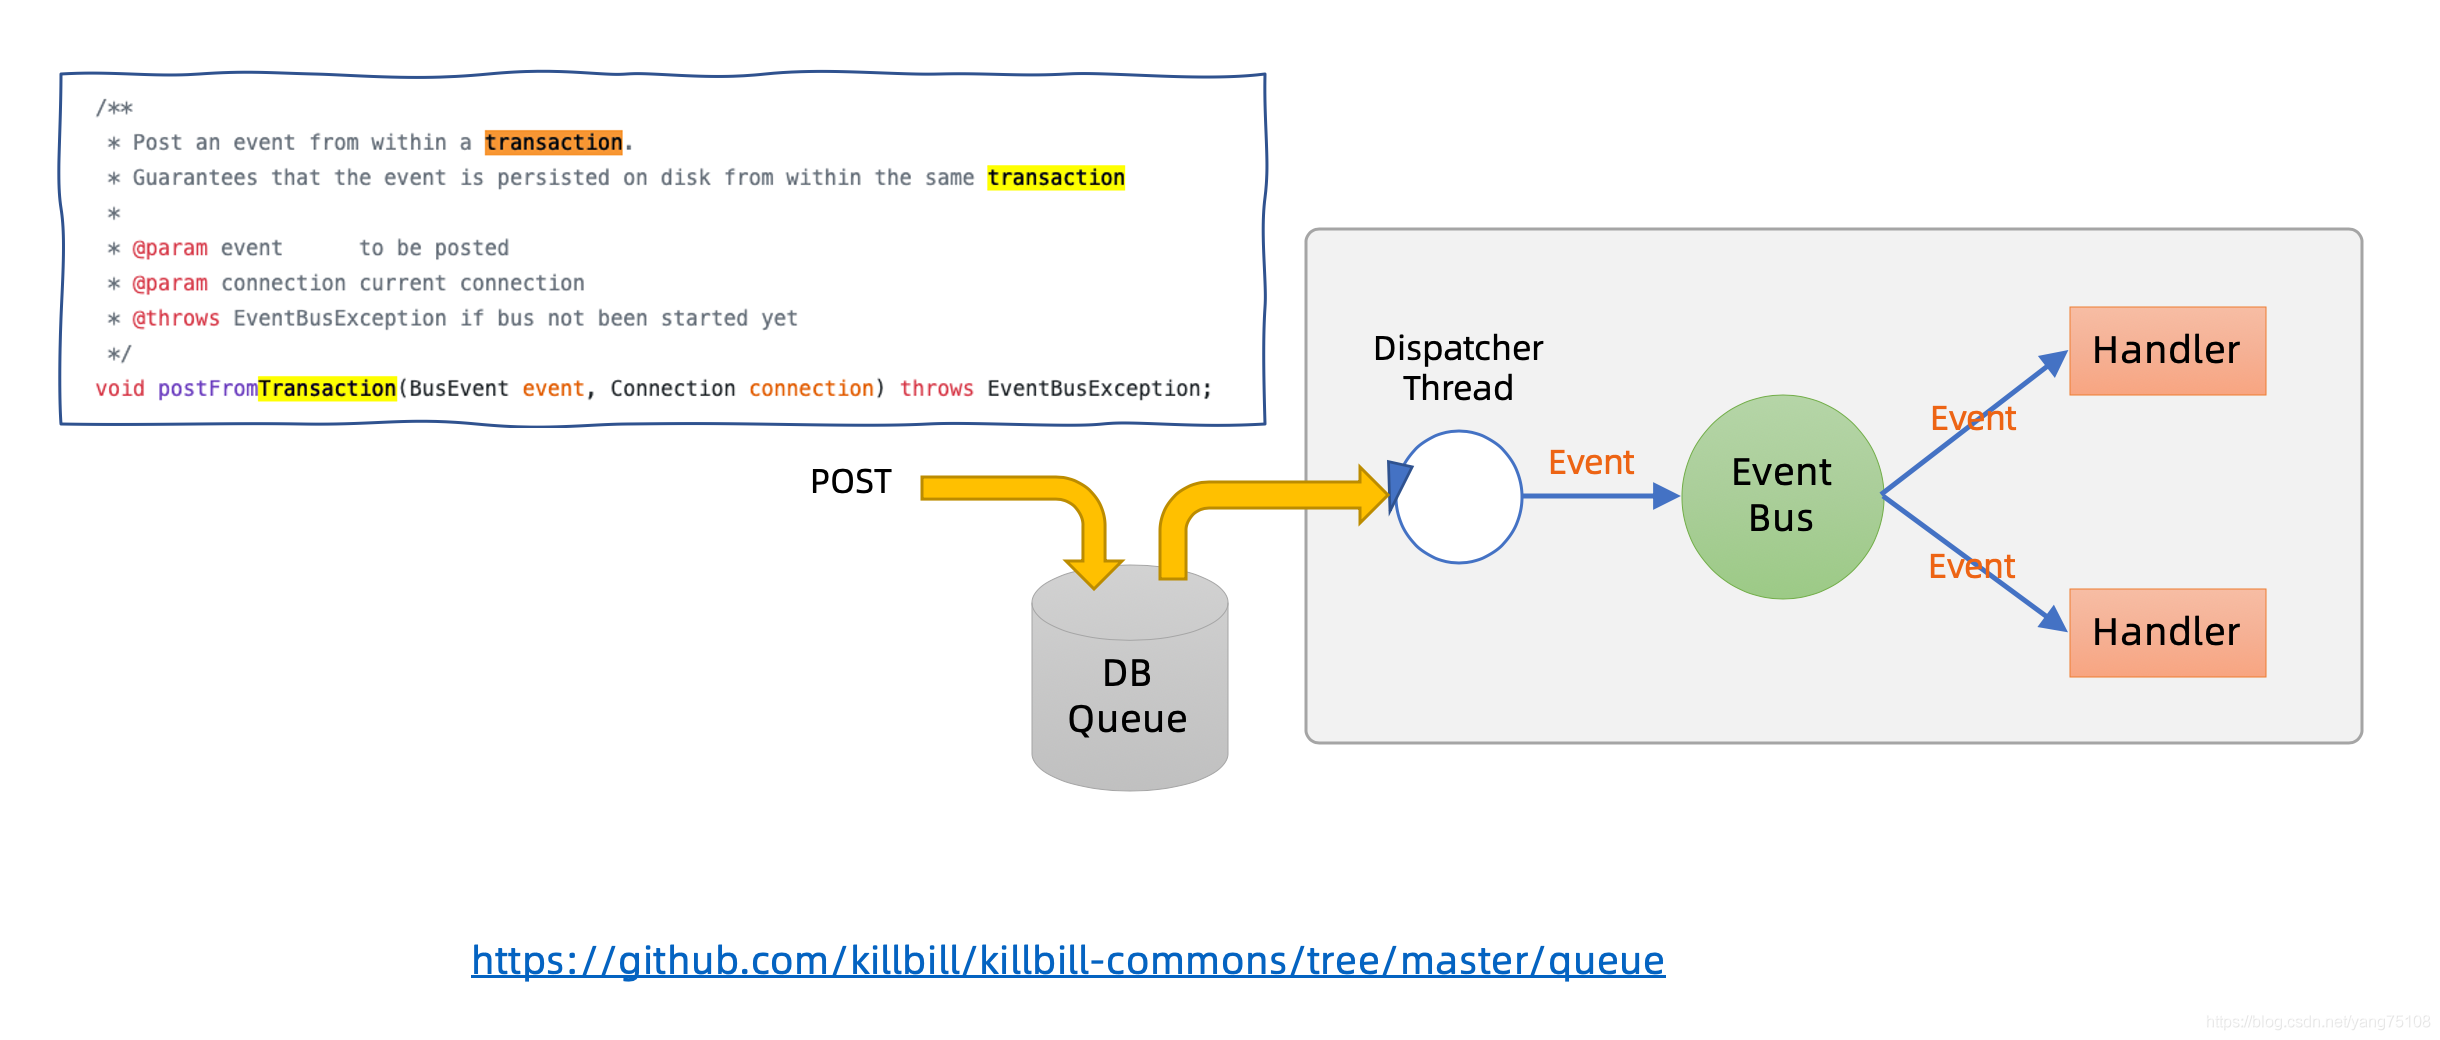 [外链图片转存失败,源站可能有防盗链机制,建议将图片保存下来直接上传(img-LgbMBEJq-1593683238159)(images/killbill-queue.png)]